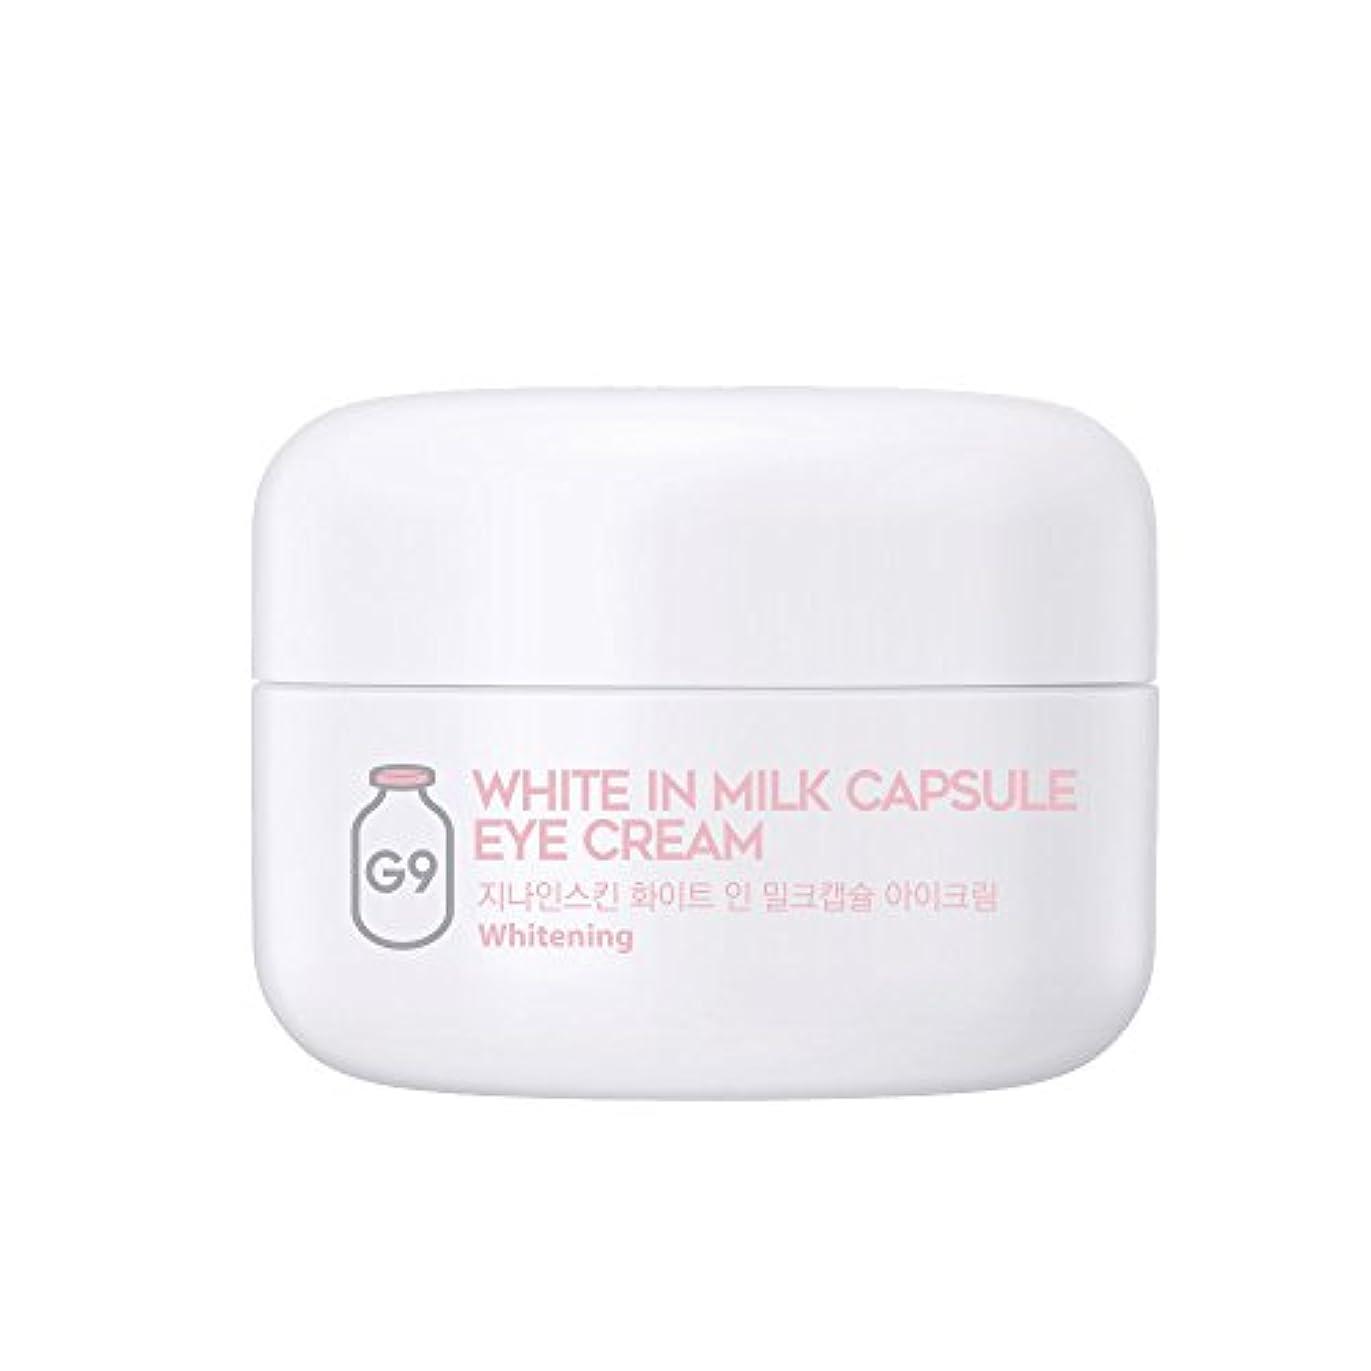 直接名前を作る暴露するG9SKIN(ベリサム) White In Milk Capsule Eye Cream ホワイトインミルクカプセルアイクリーム 30g